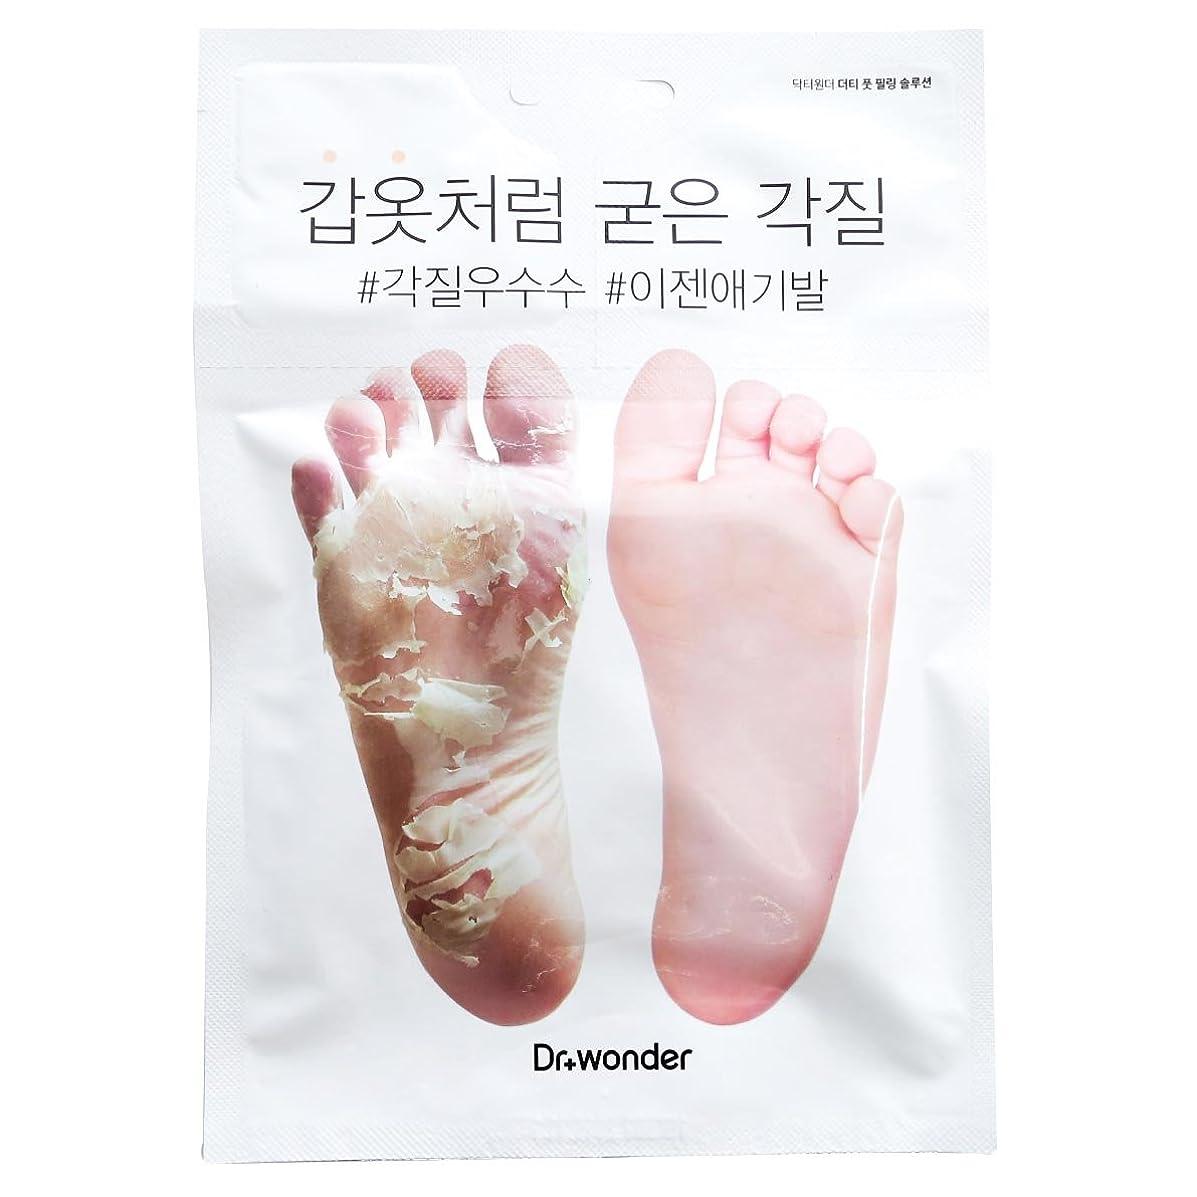 講義予感汚染された[ドクターワンダー/ Dr+ wonder] Good Bye, Dirty Foot! Doctor Wonder Crocodile Foot Mask Pack / ドクターワンダーワニバルペク/鎧のような硬い角質!もう赤ちゃんの足+[Sample Gift](海外直送品)